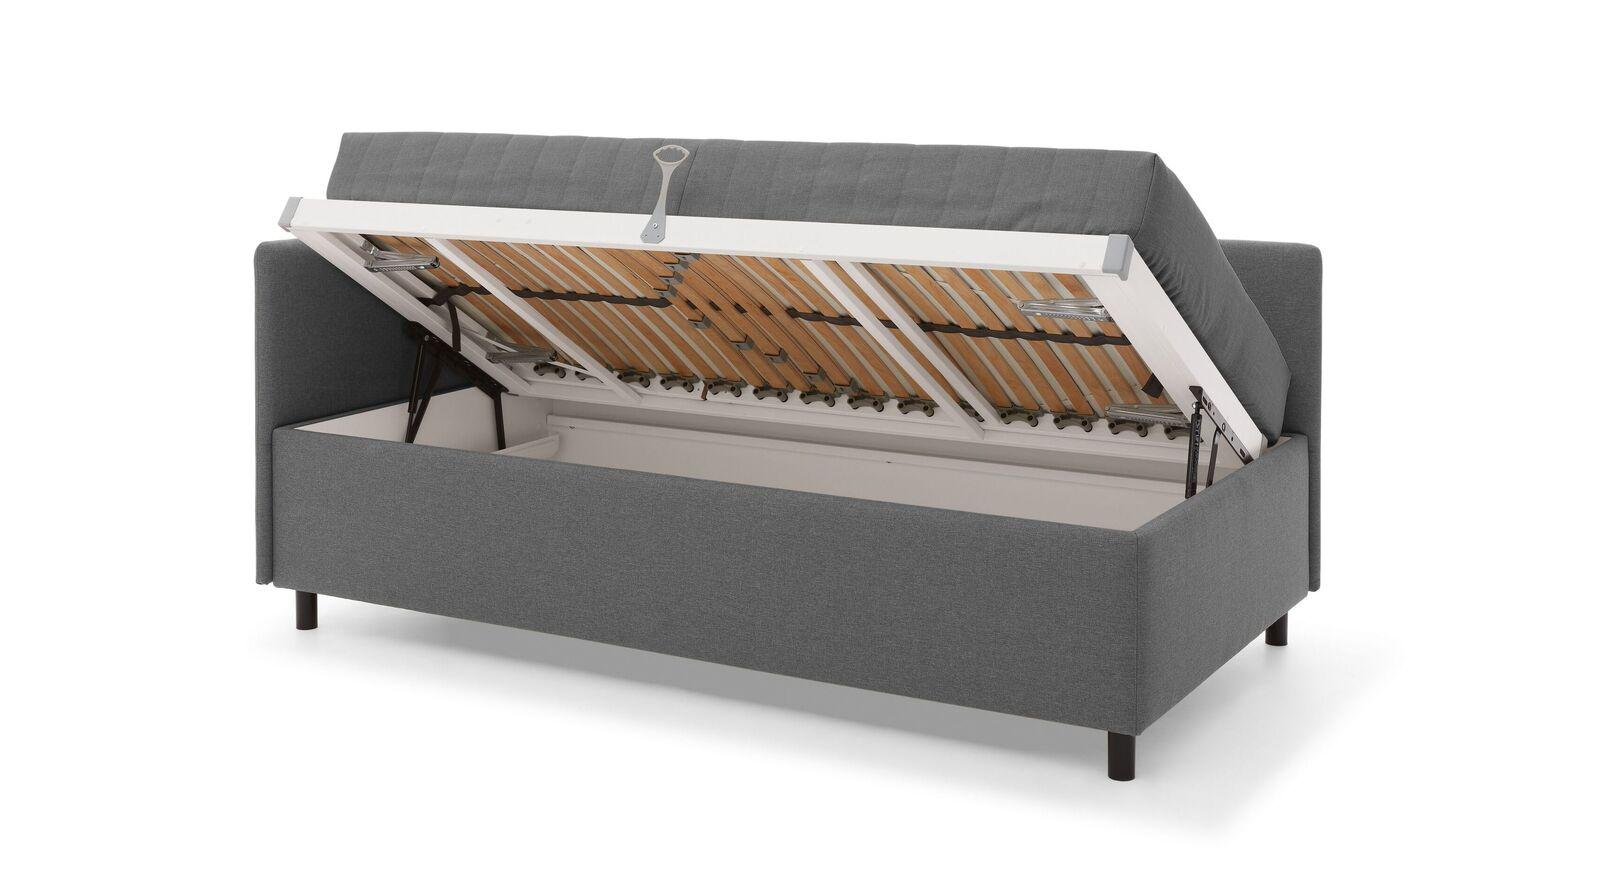 MUSTERRING Studioliege Elpaso mit integriertem Stauraum